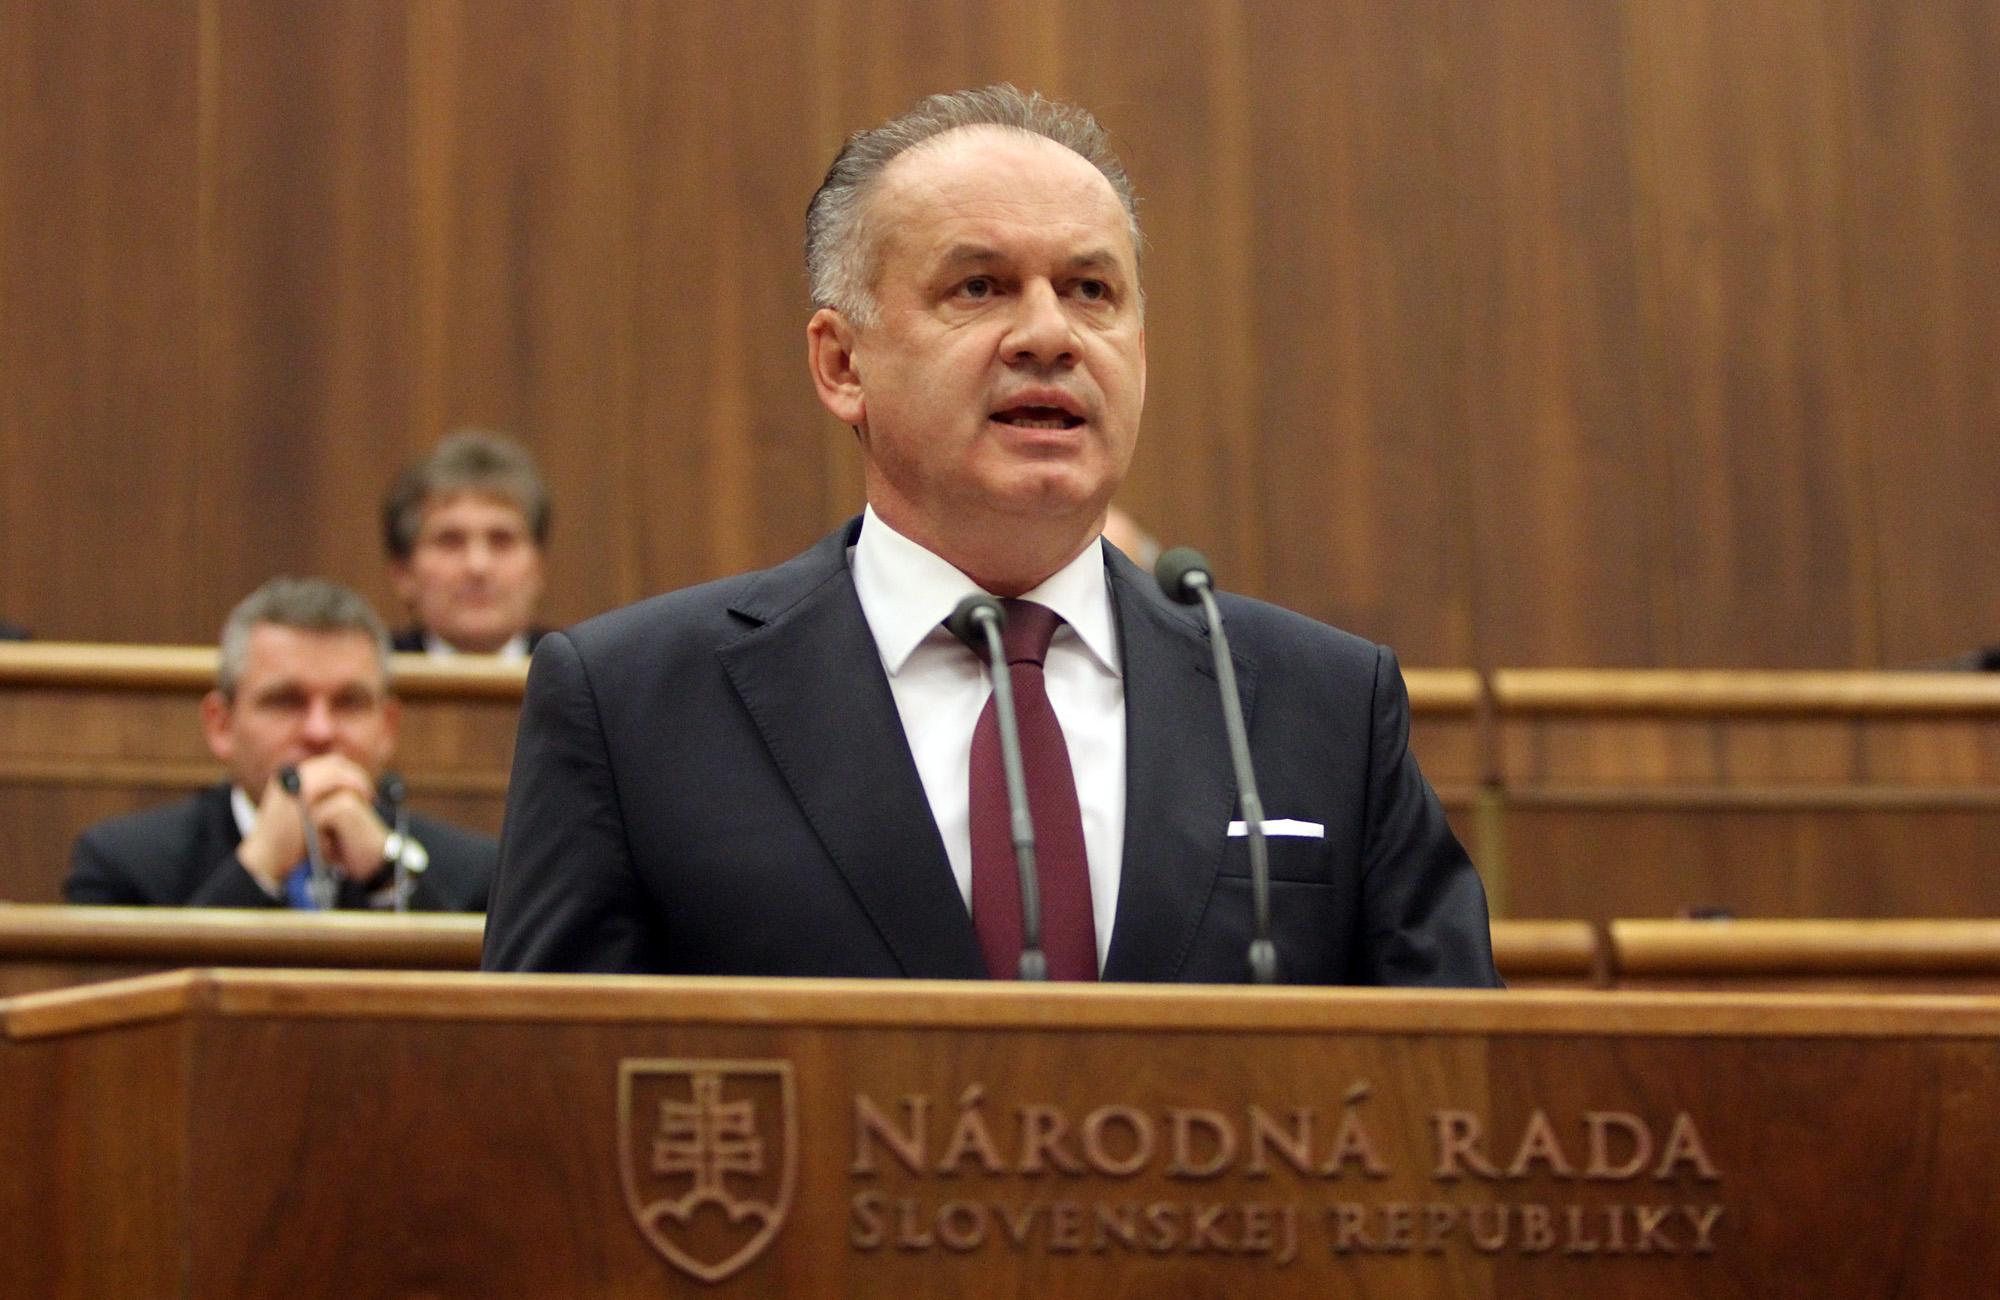 Prezident vystúpil s príhovorom pred poslancami v Národnej rade